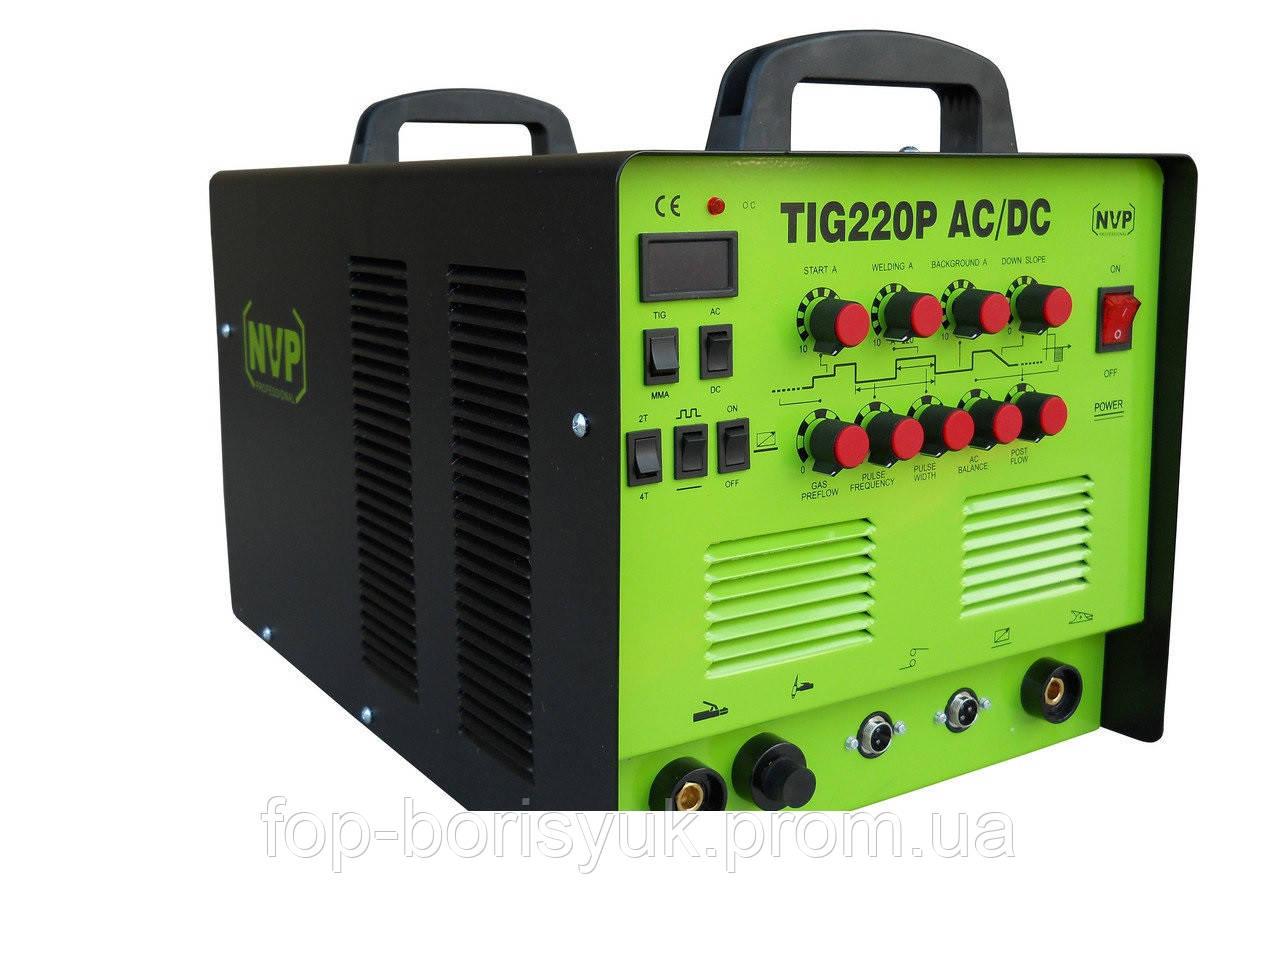 Аргонодуговой сварочный аппарат NVP PROFESSIONAL TIG 220 AC/DC